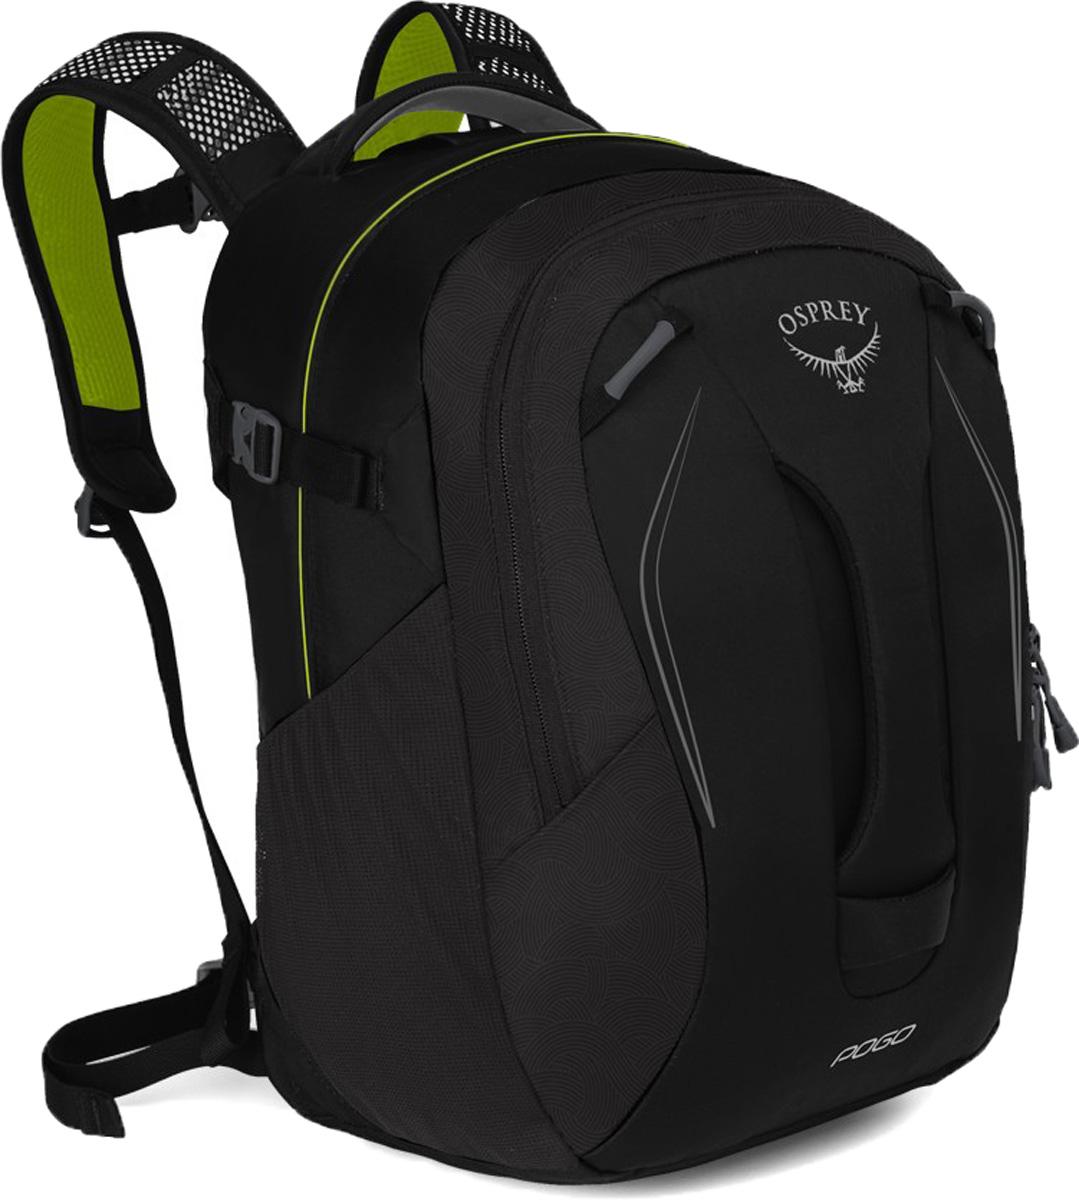 купить Рюкзак Osprey Pogo 24, цвет: черный, 24 л недорого